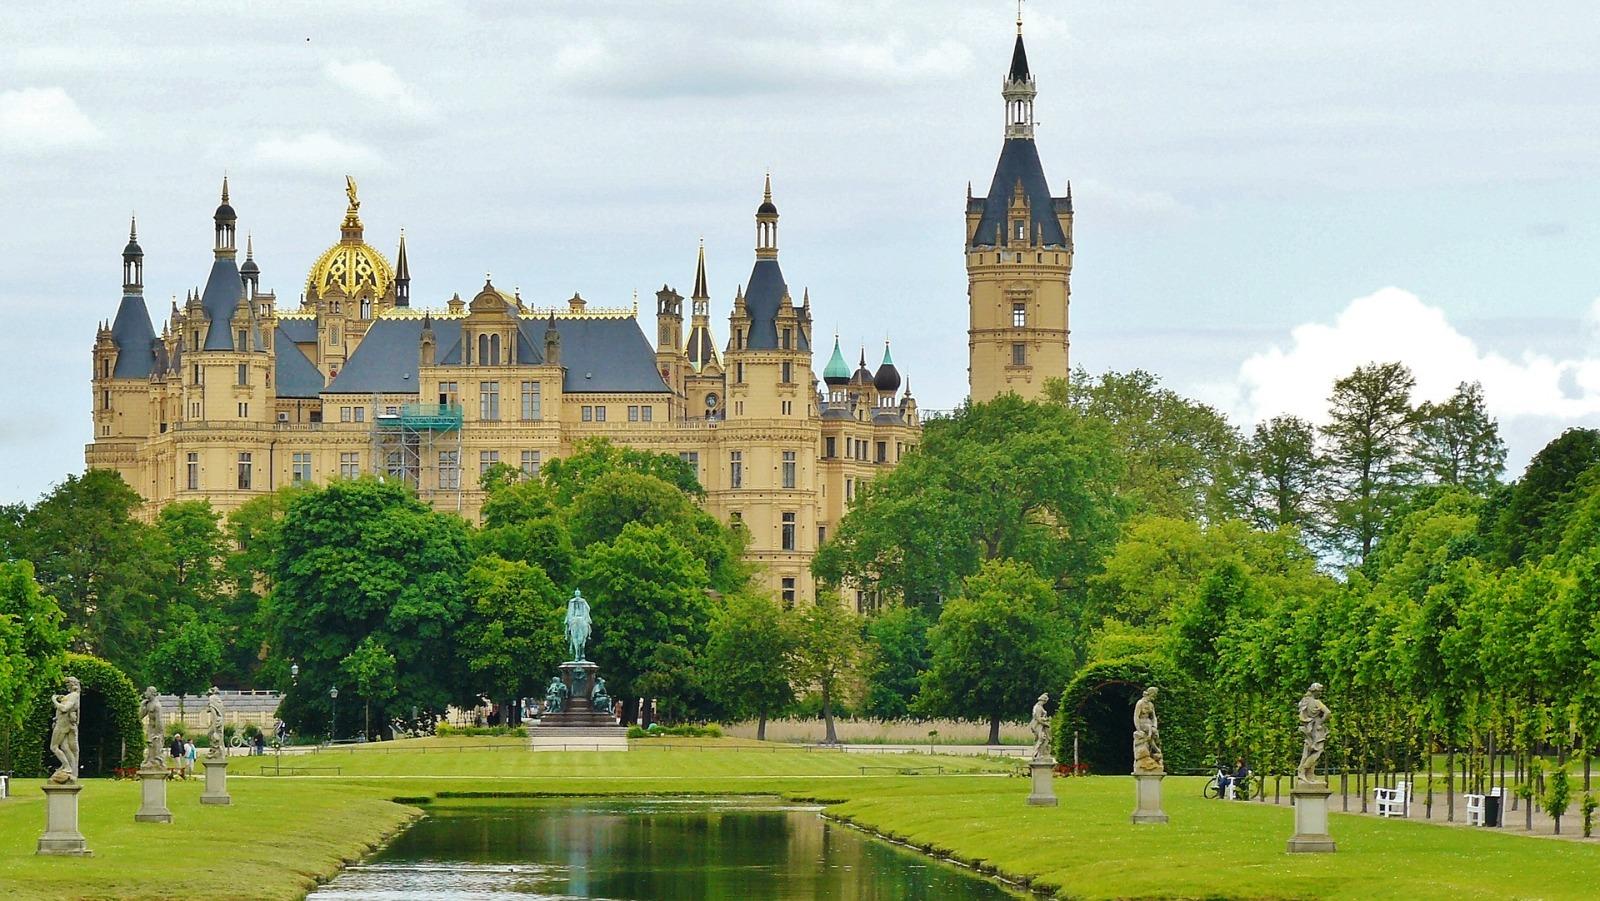 Das Leben im malerischen Land Mecklenburg-Vorpommern